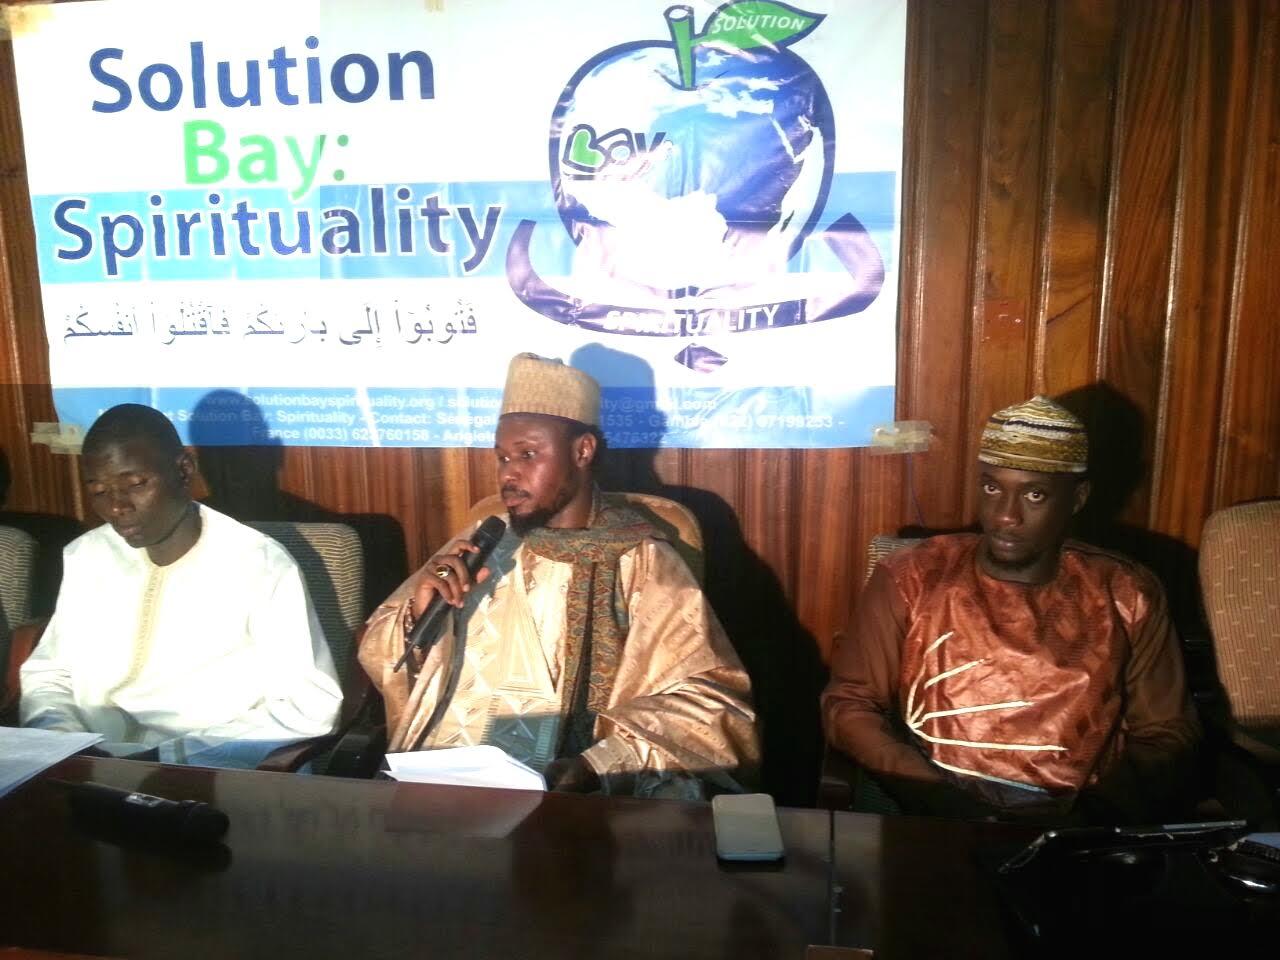 Gambie: Sous un nouveau jour!